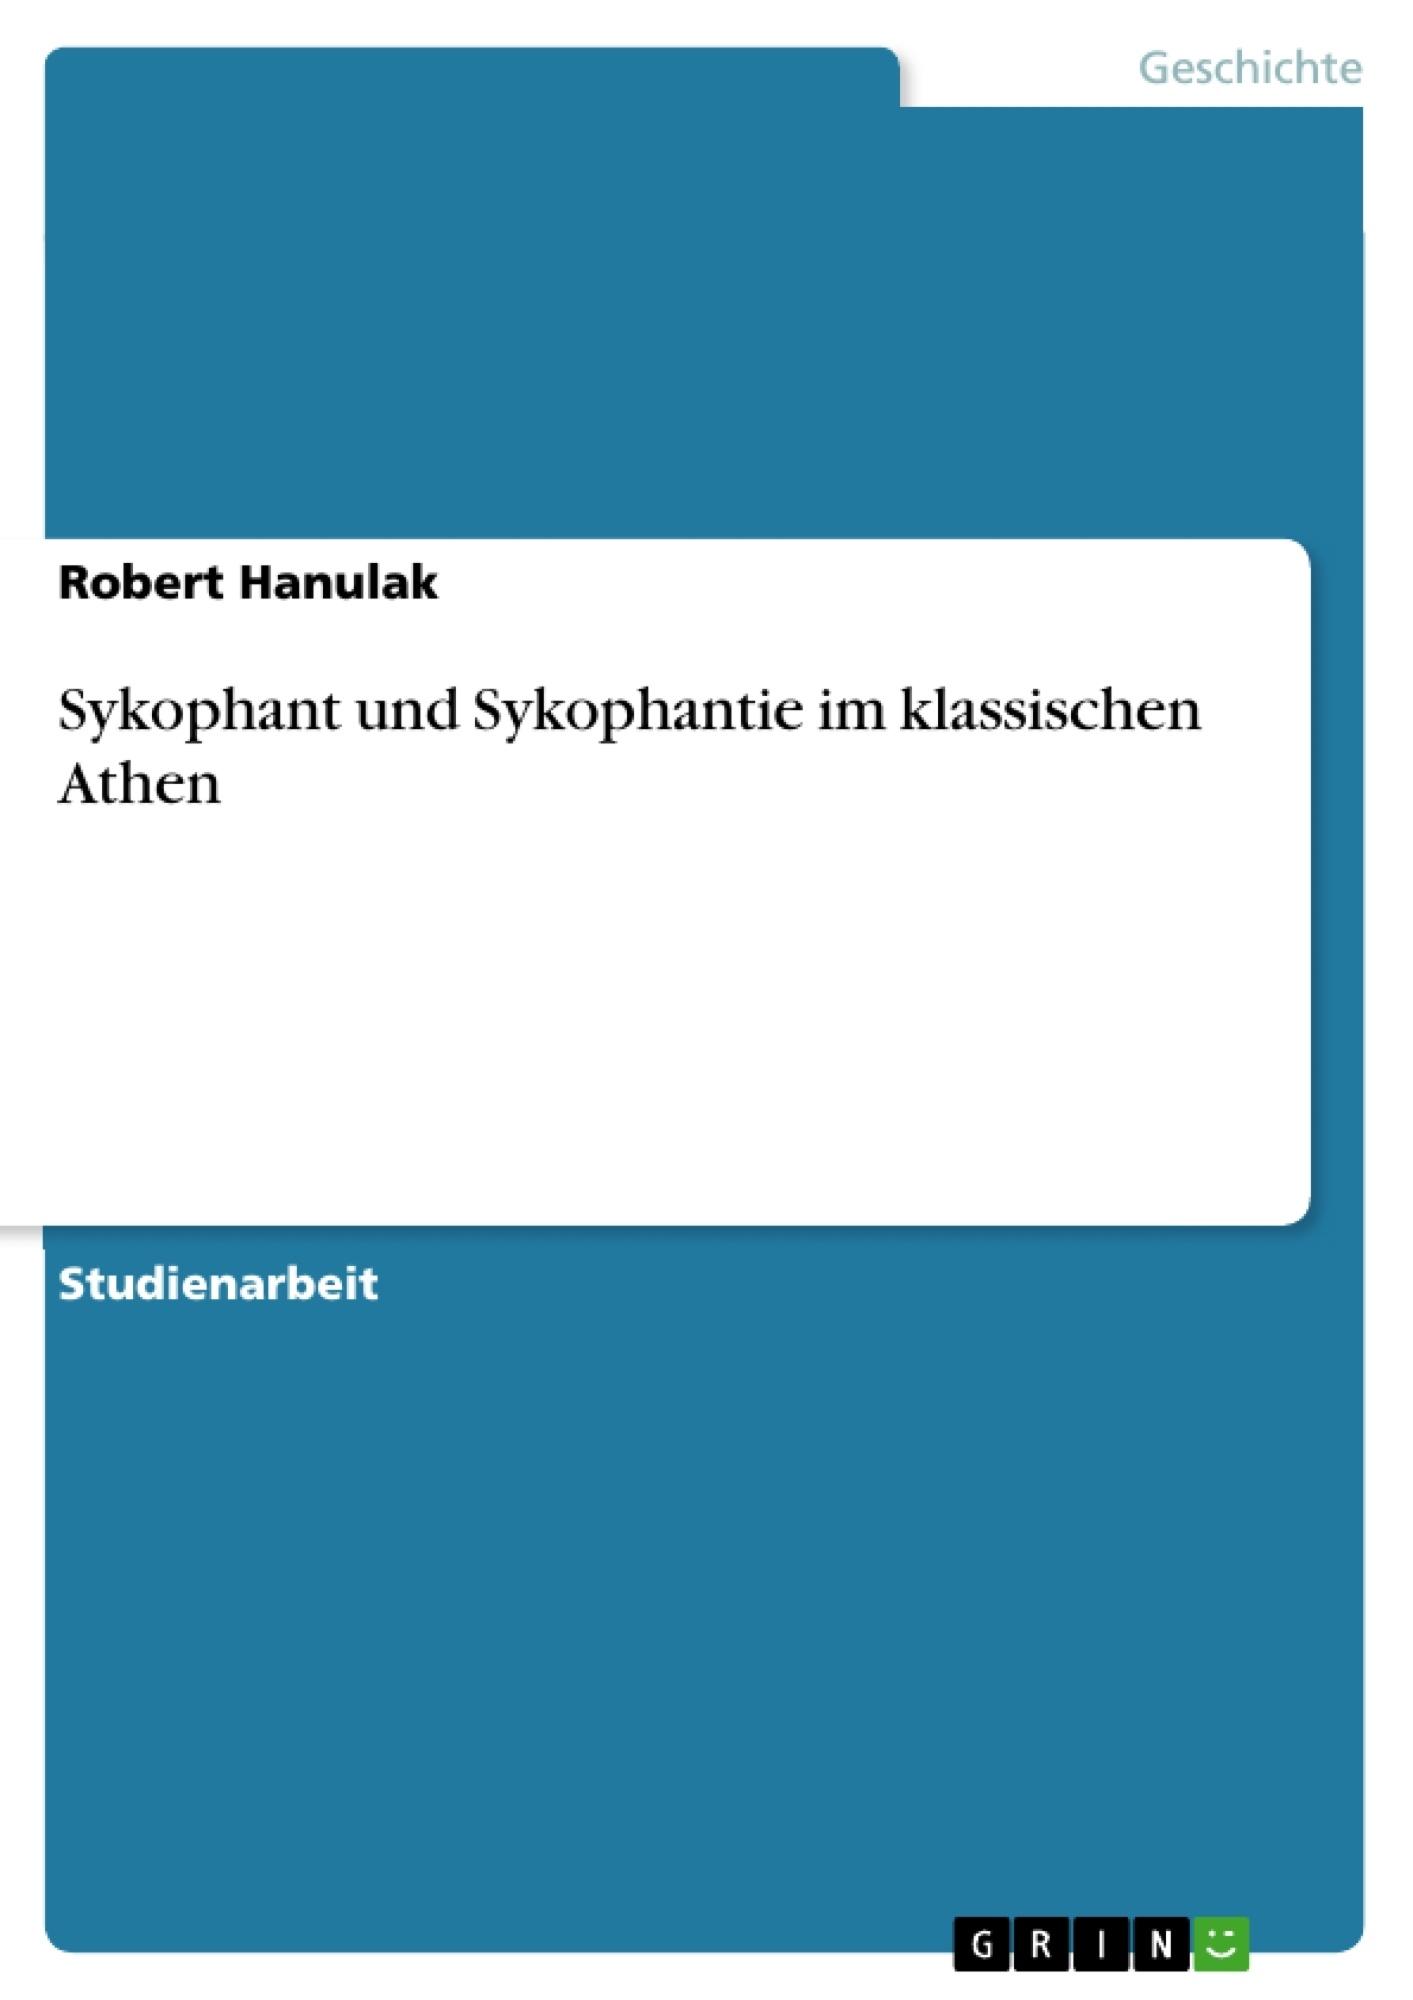 Titel: Sykophant und Sykophantie im klassischen Athen